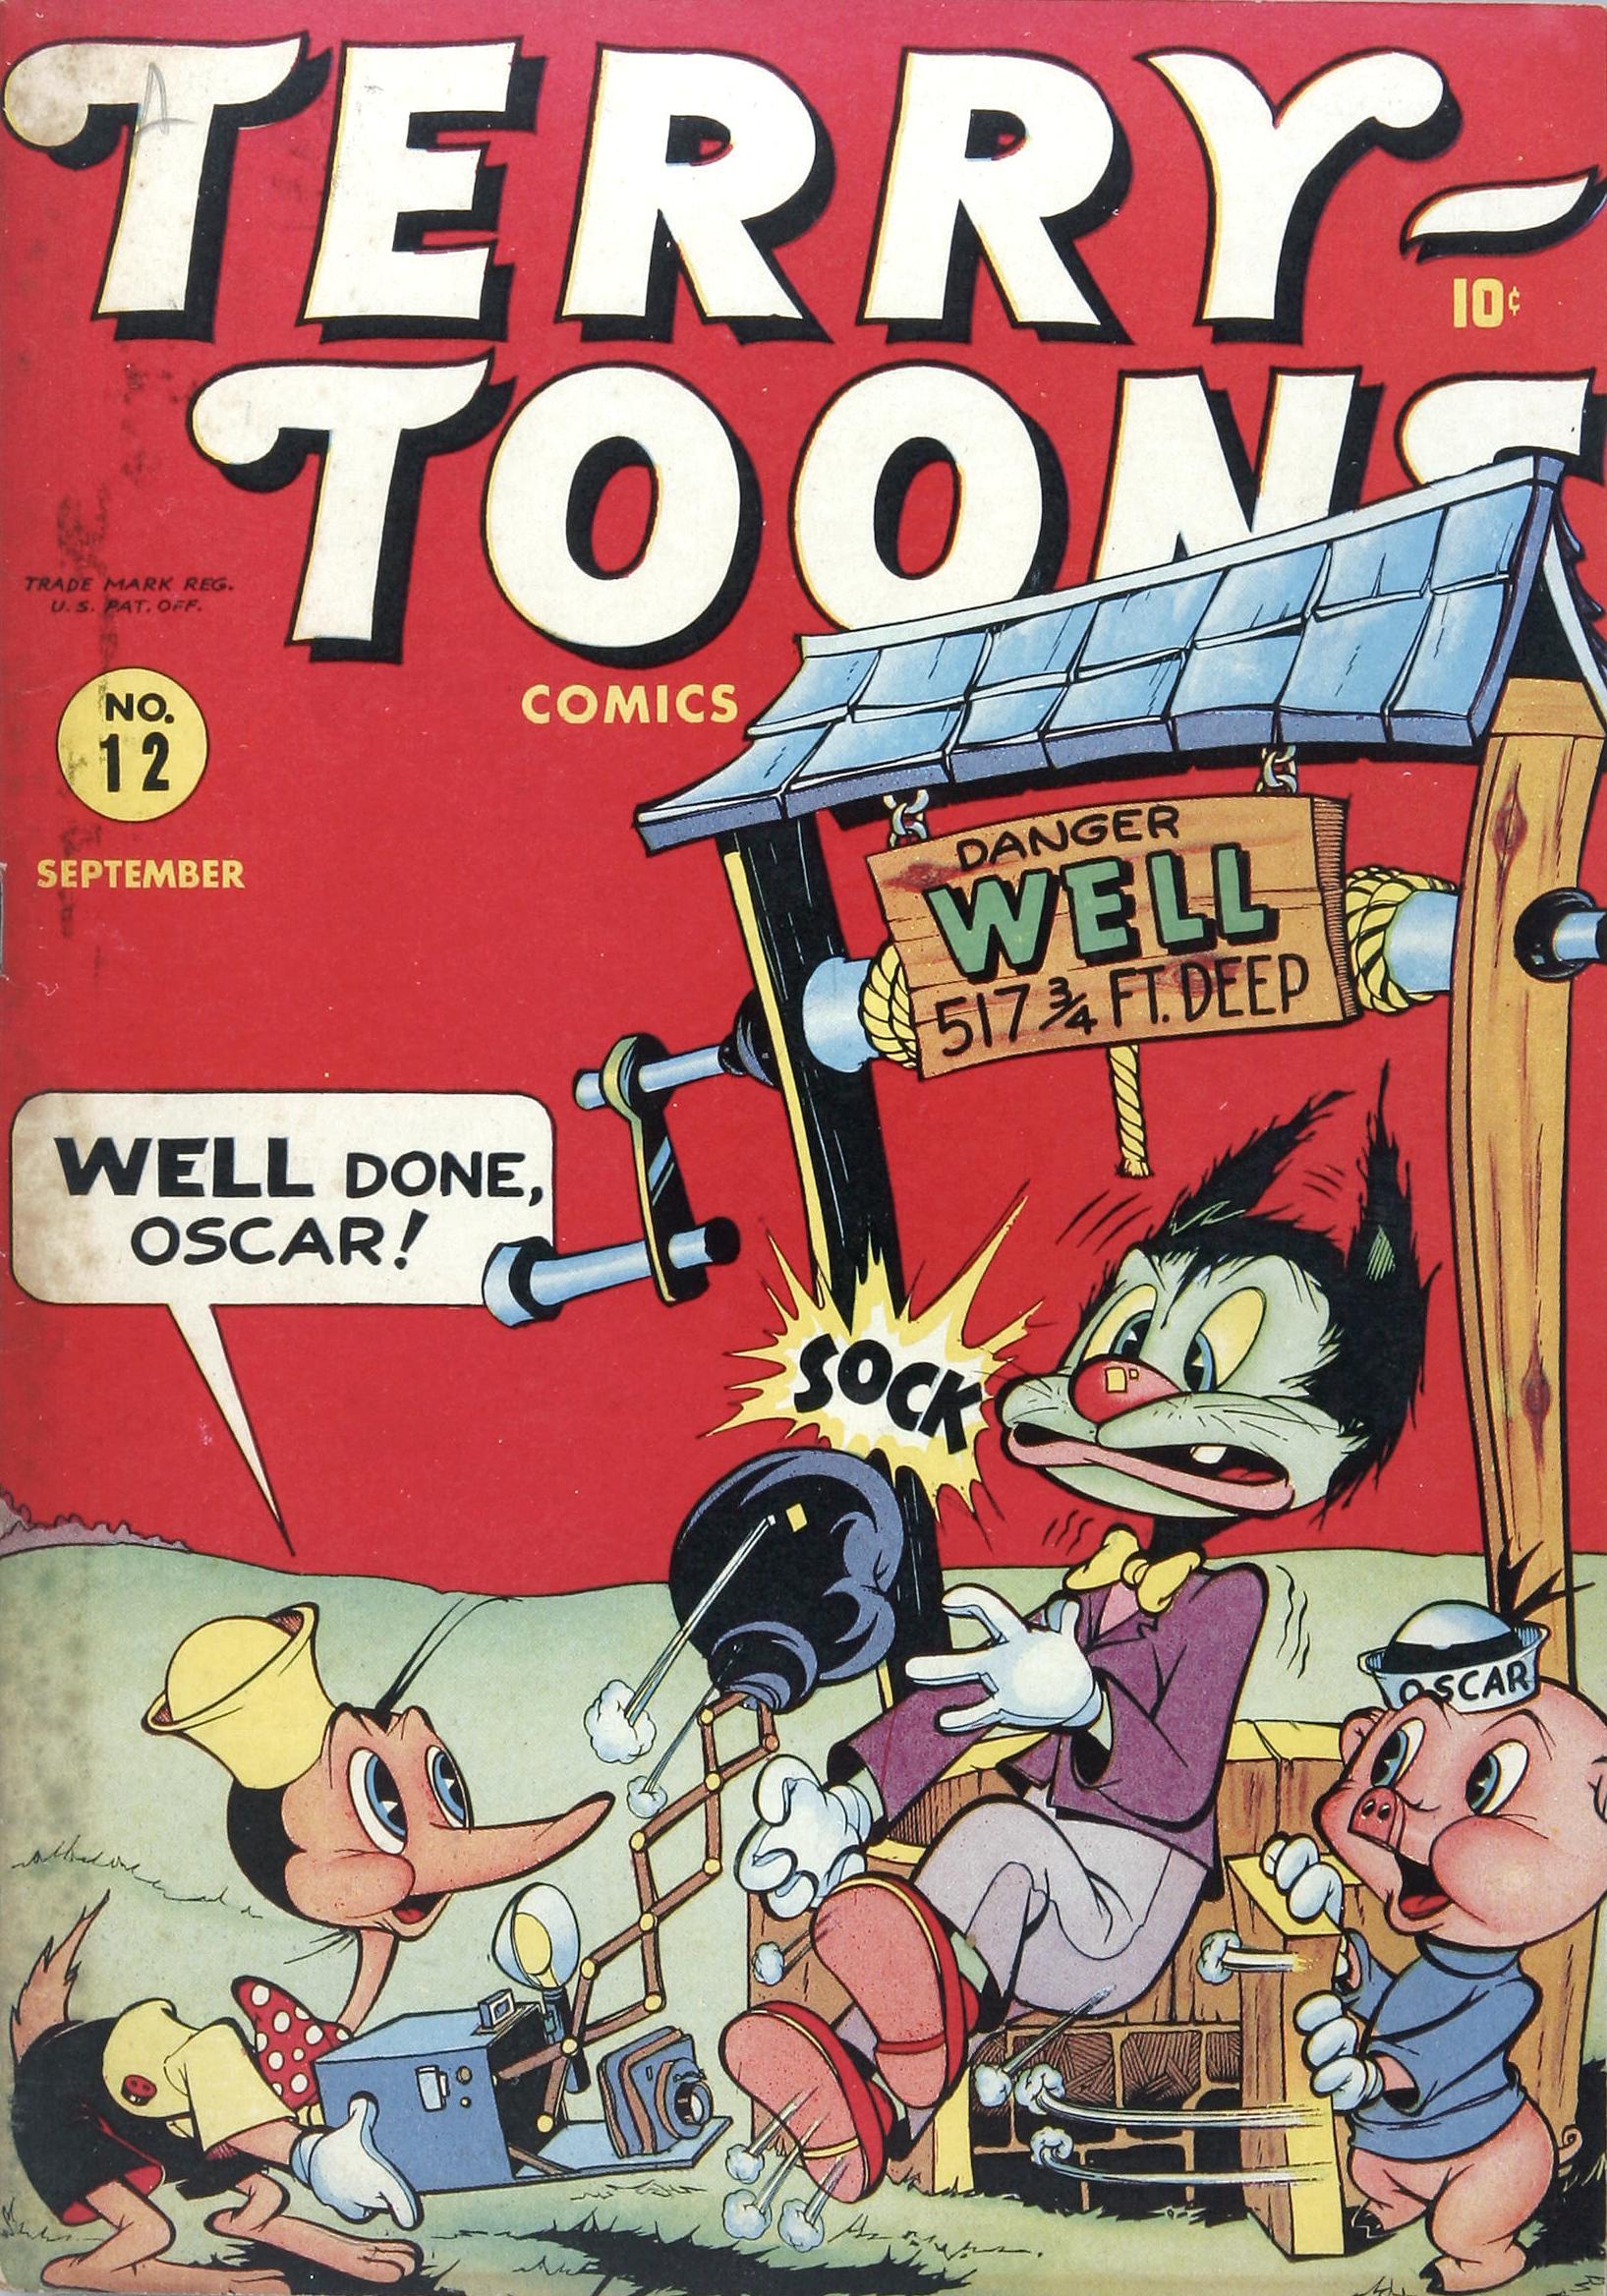 Terry-Toons Comics Vol 1 12